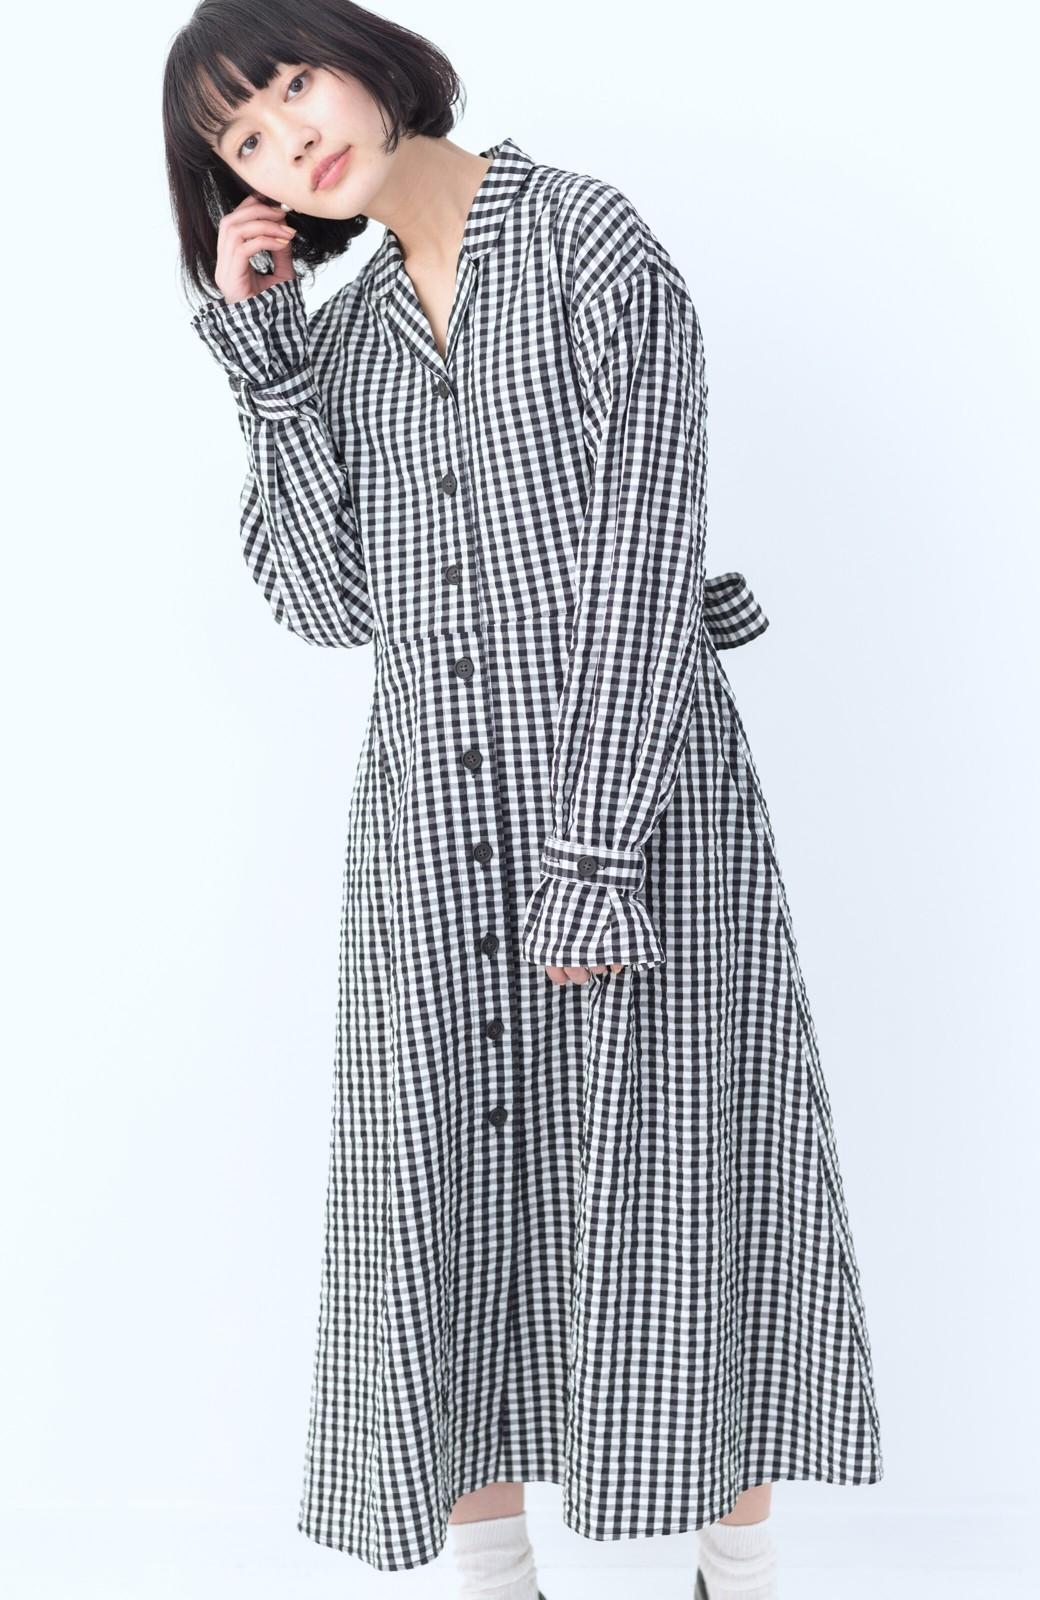 haco! いつものコーデに華やぎを添える ワンピースとしても着られるギンガムライトアウター <ブラック>の商品写真6